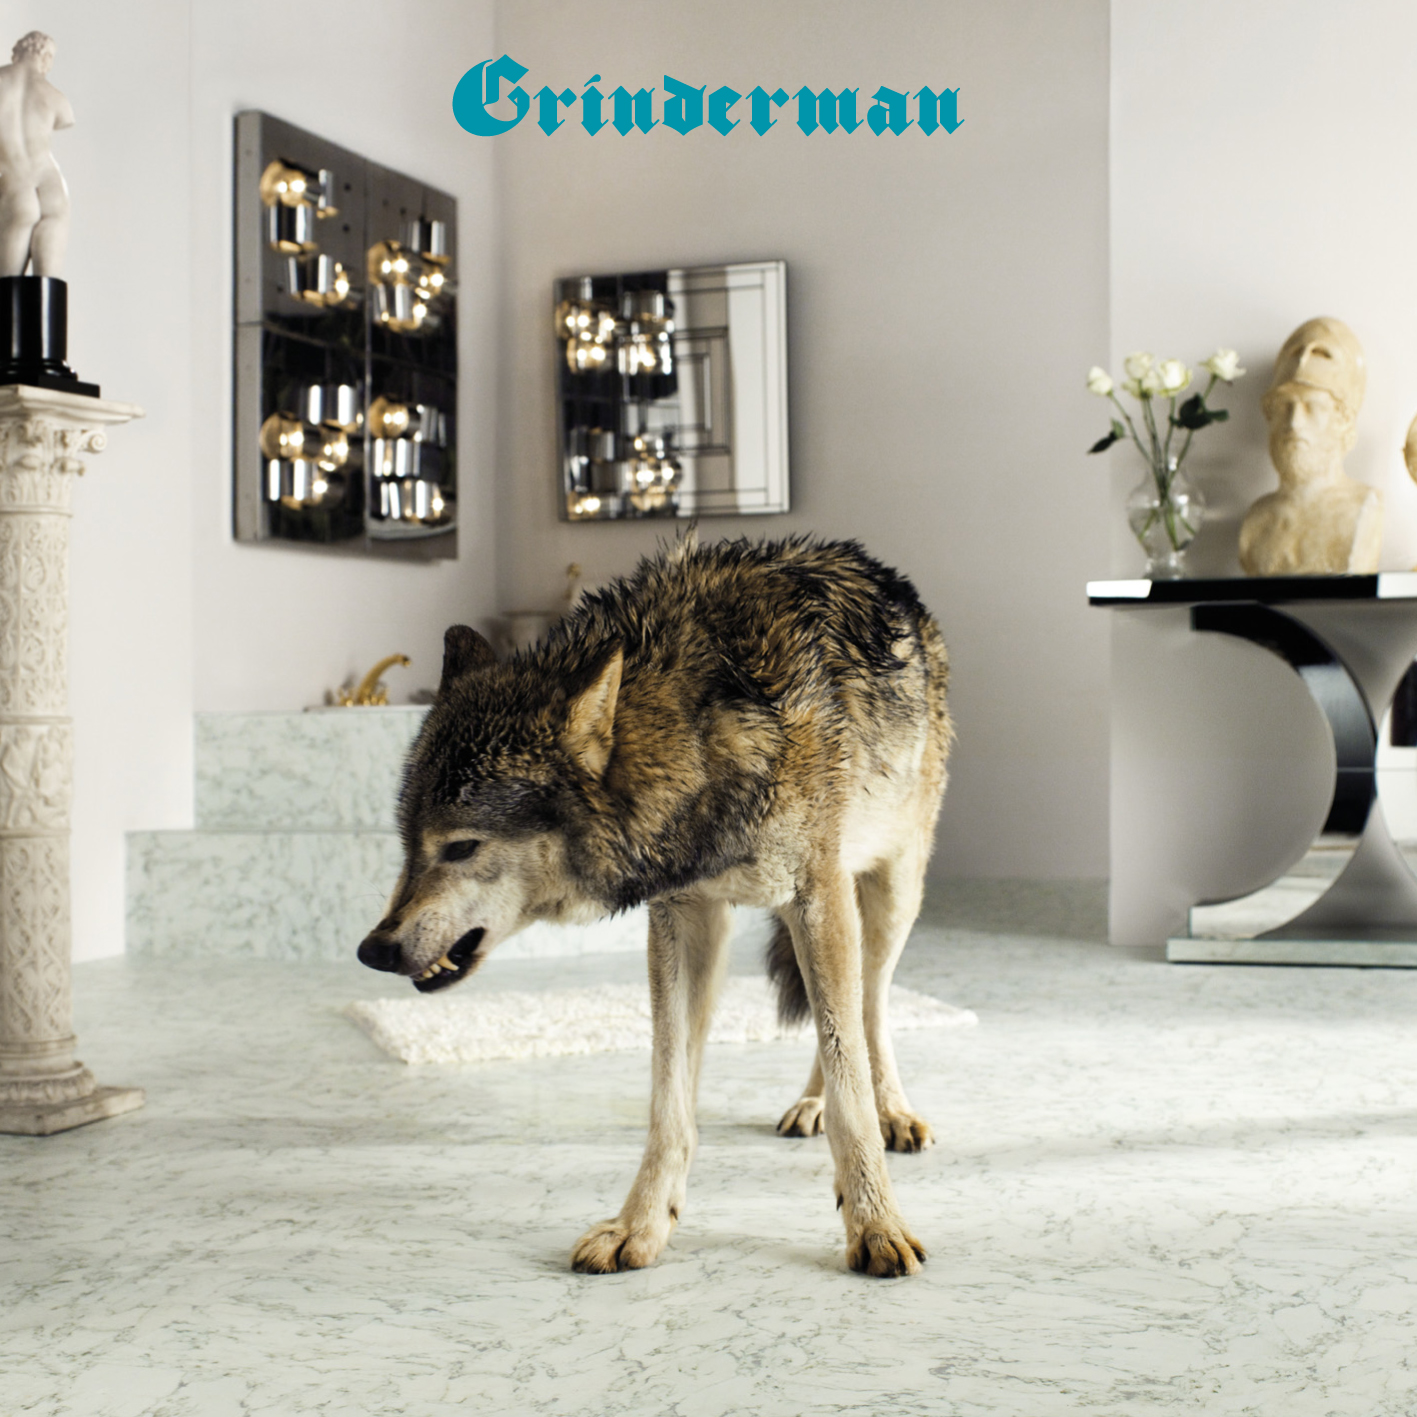 07. GRINDERMAN_Grinderman 2.jpg